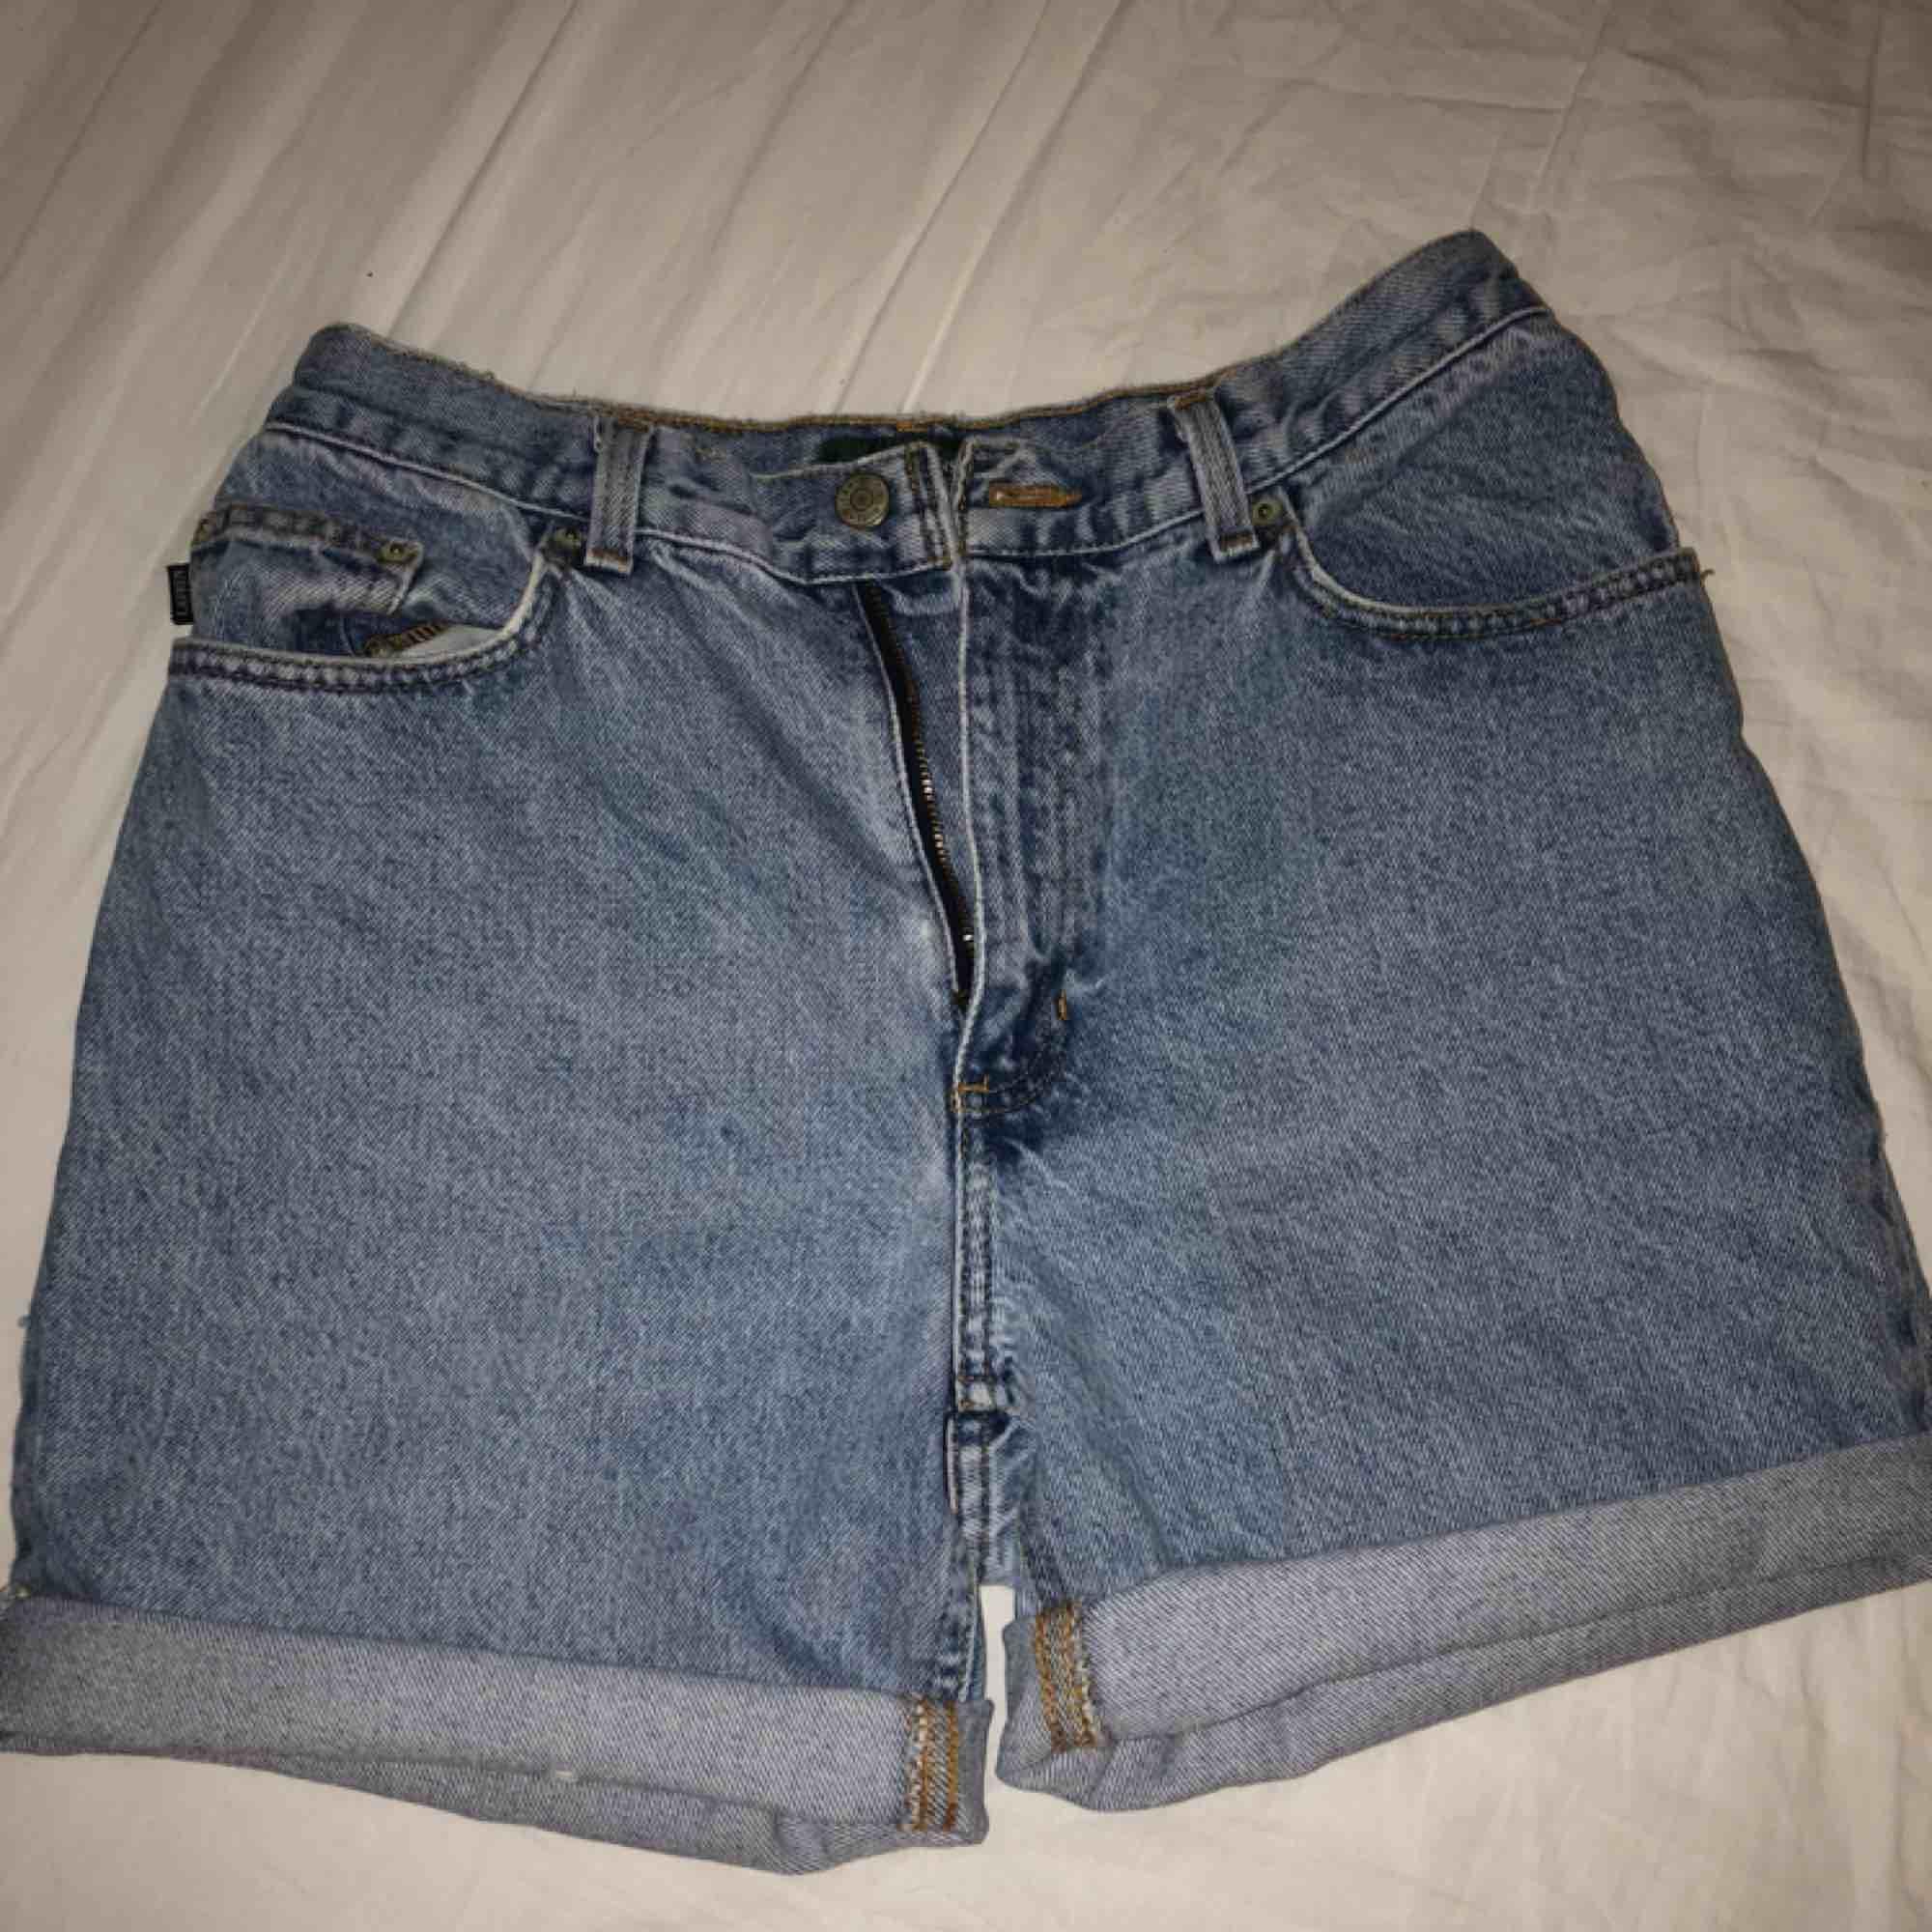 Ett par riktigt snygga vintage Ralph Lauren shorts, gjorda av ett par jeans. Snygg passform och ger en riktig vintage känsla. Storleken är 10P vilket jag uppfattat som M, efter lite Google sökning. . Shorts.